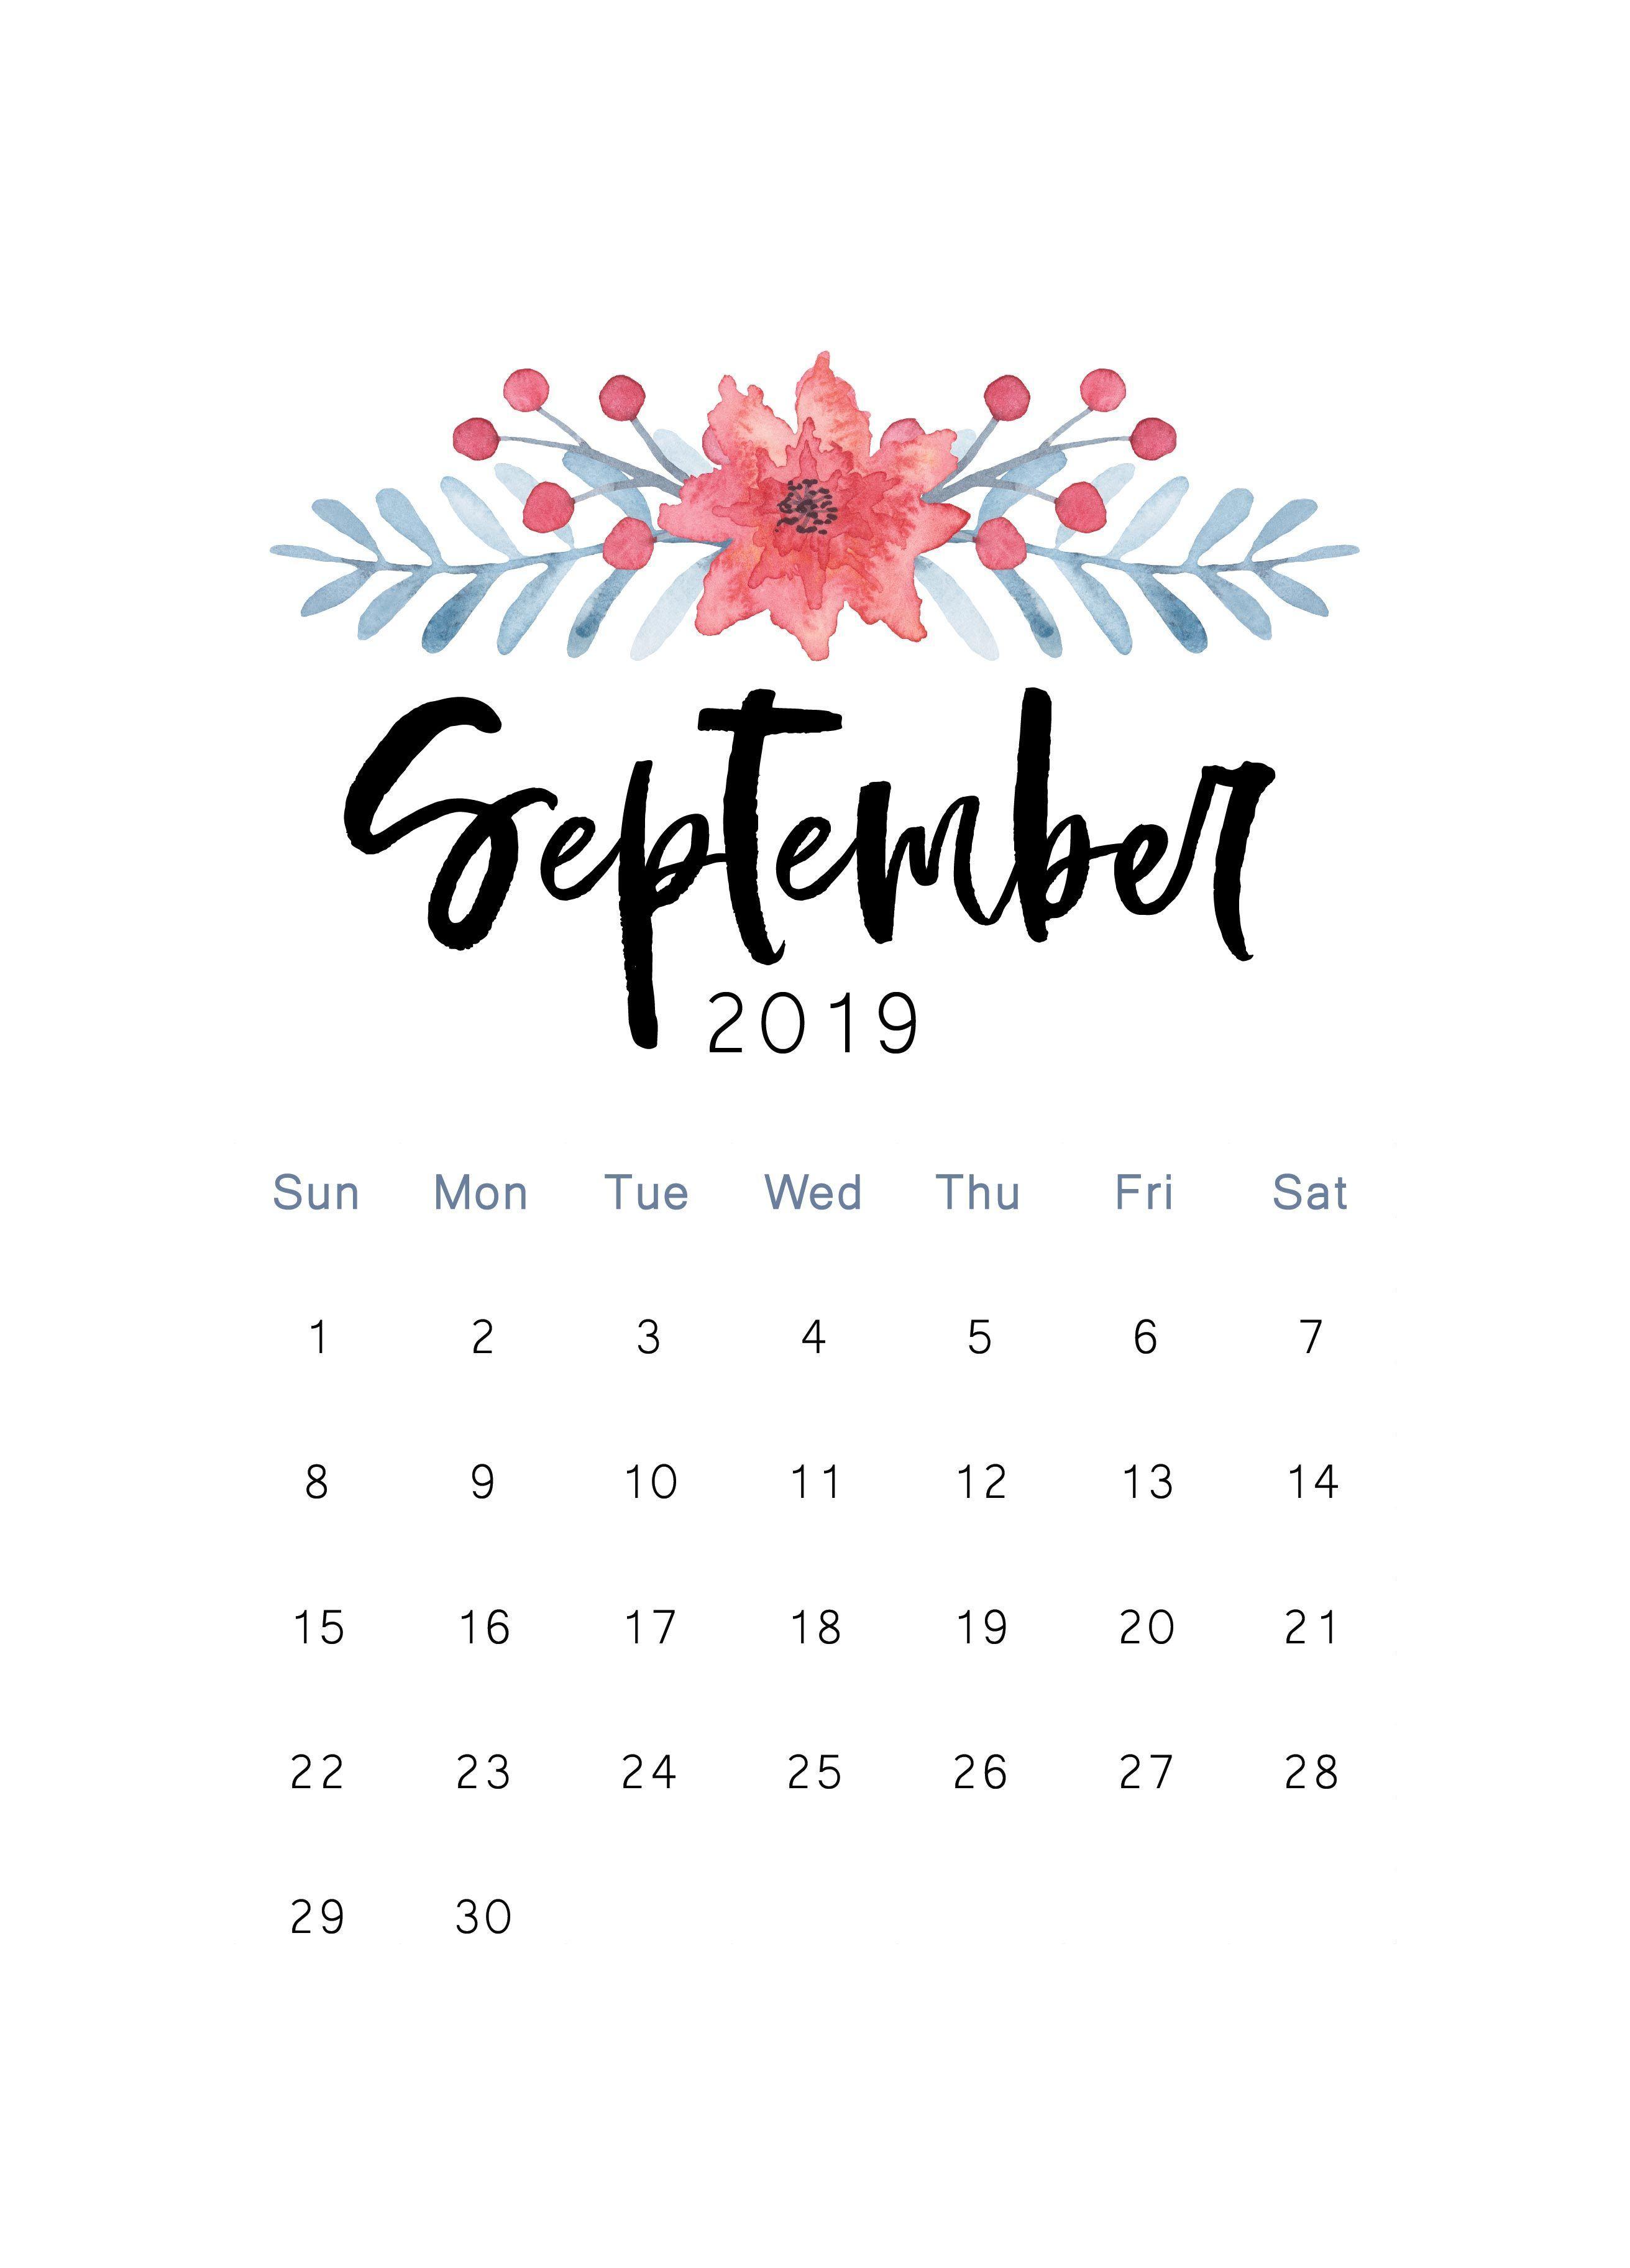 September 2019 Calendar Wallpapers Wallpaper Cave